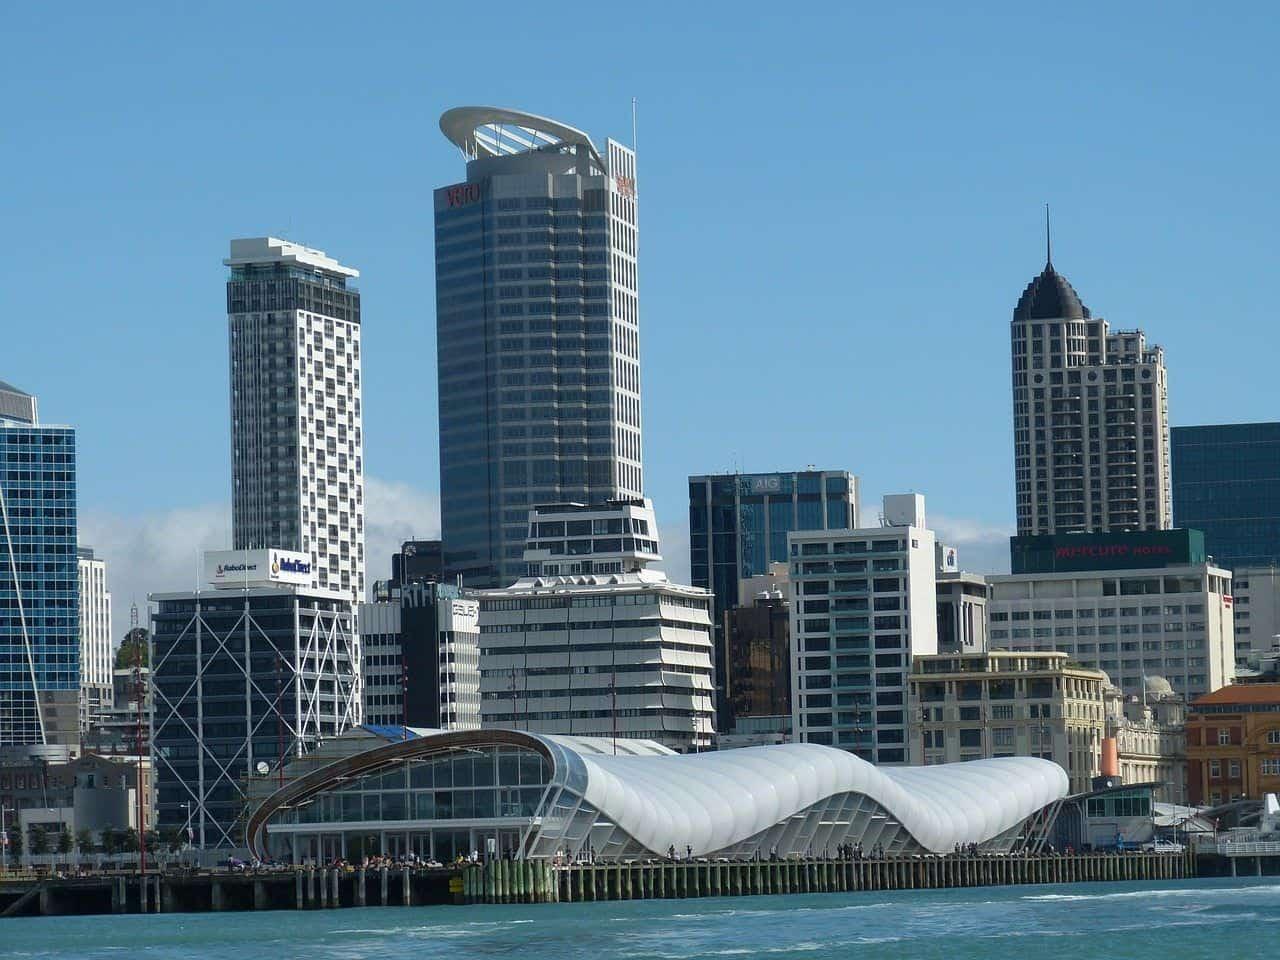 Berufliche Ausbildung in Neuseeland